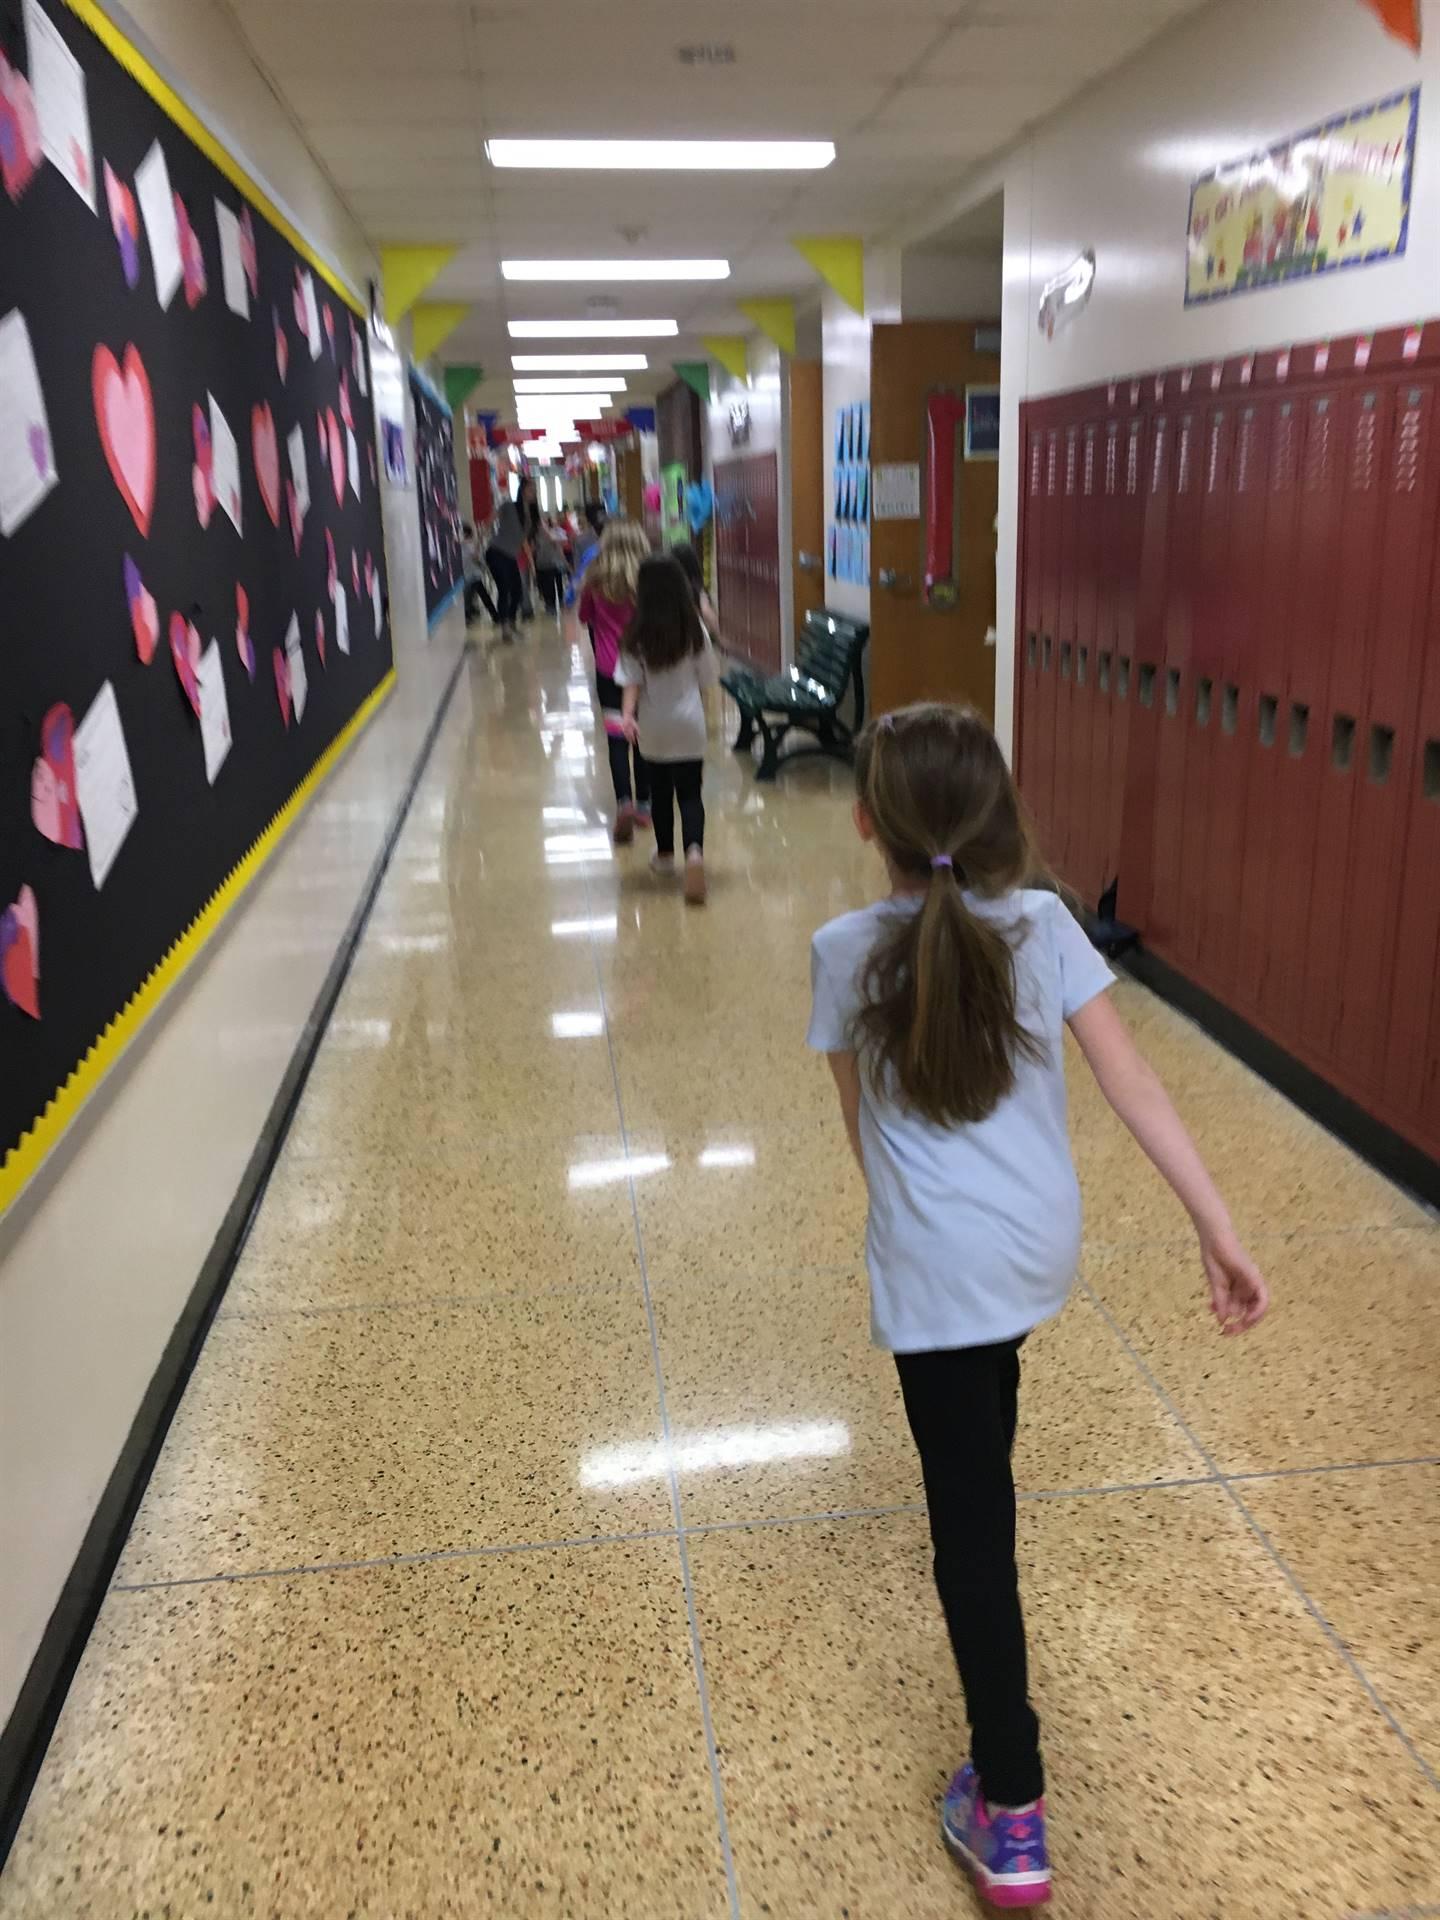 Students walking inside